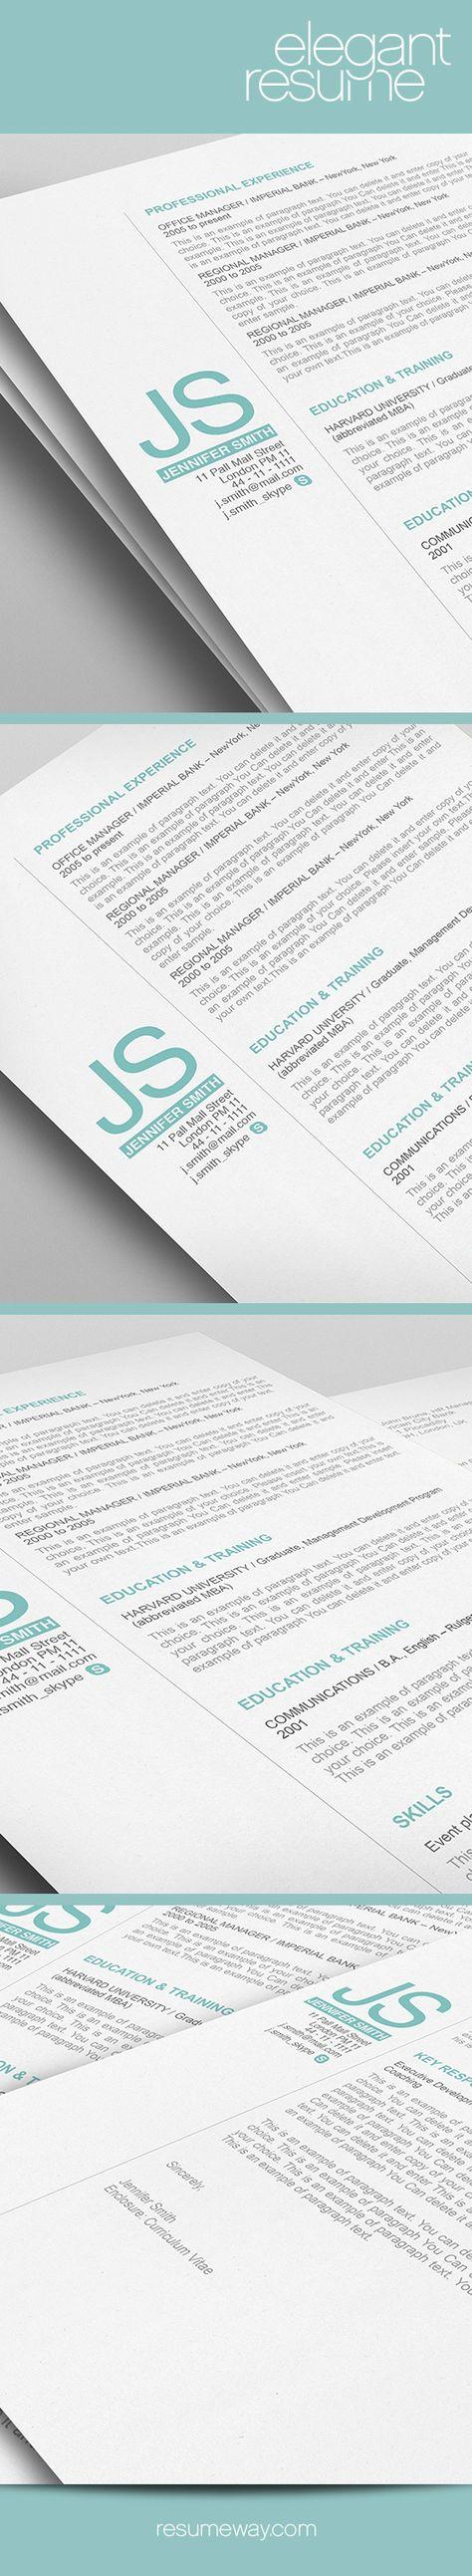 112 best CV / Resume images on Pinterest | Resume ideas, Resume ...